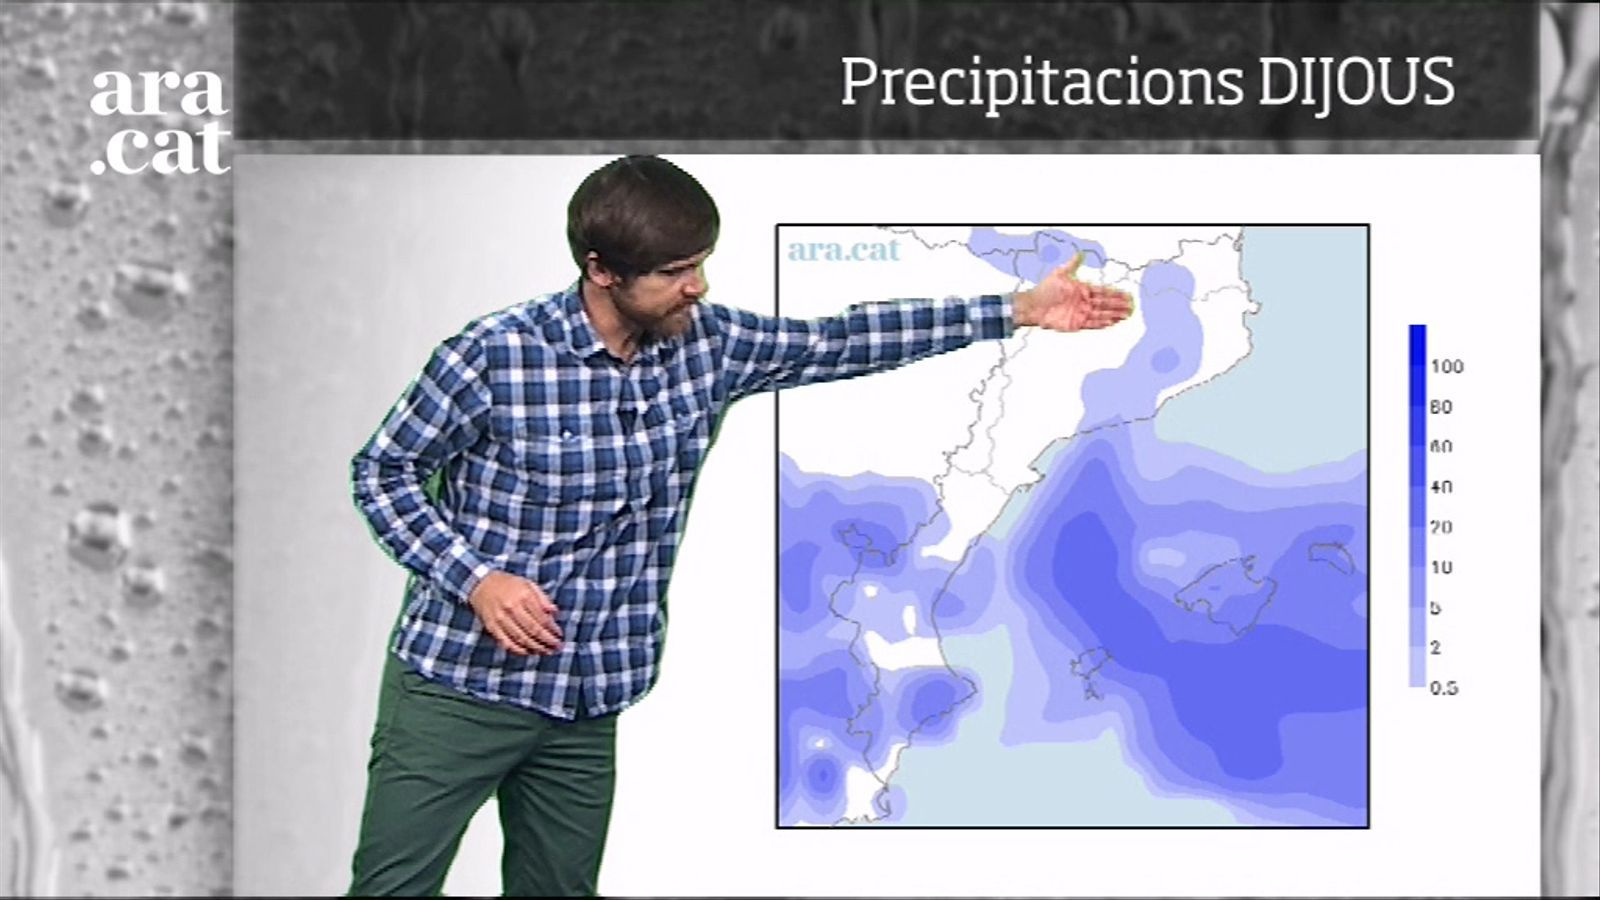 La méteo en 1 minut: temps insegur a l'est a l'espera de pluges dissabte